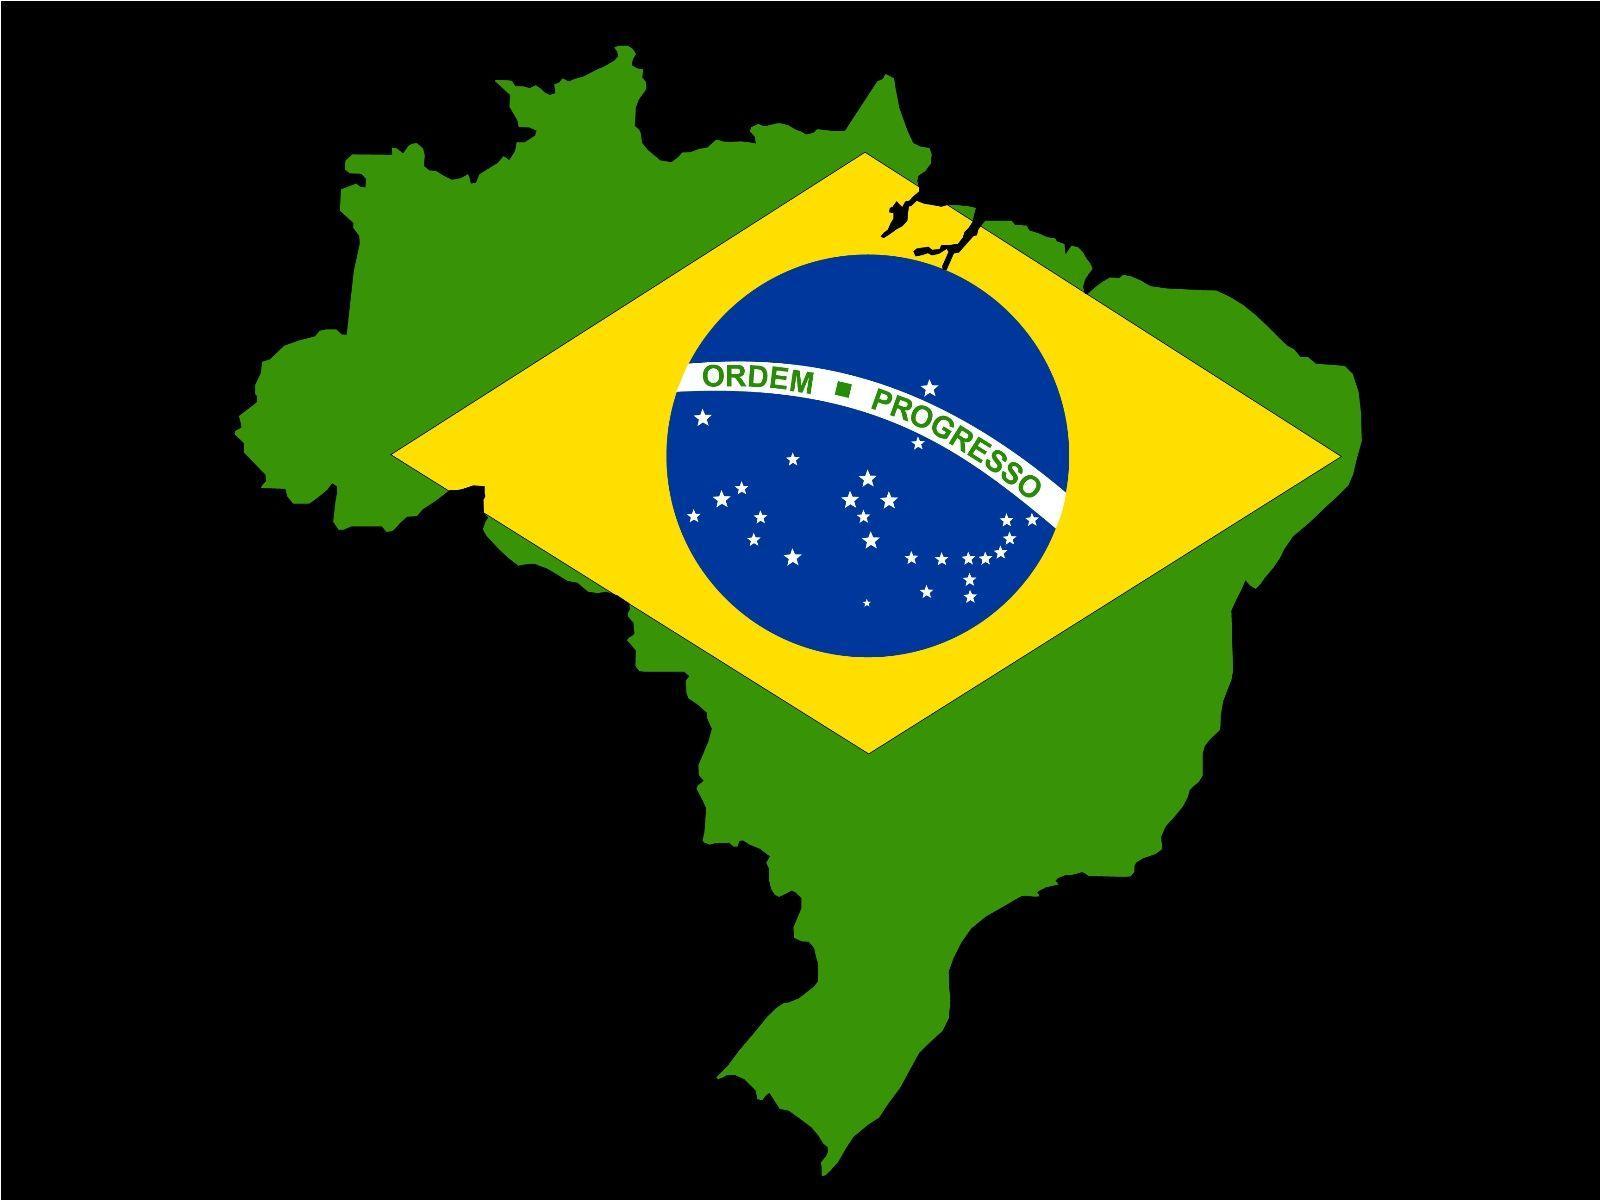 brazil map wallpaper - photo #29